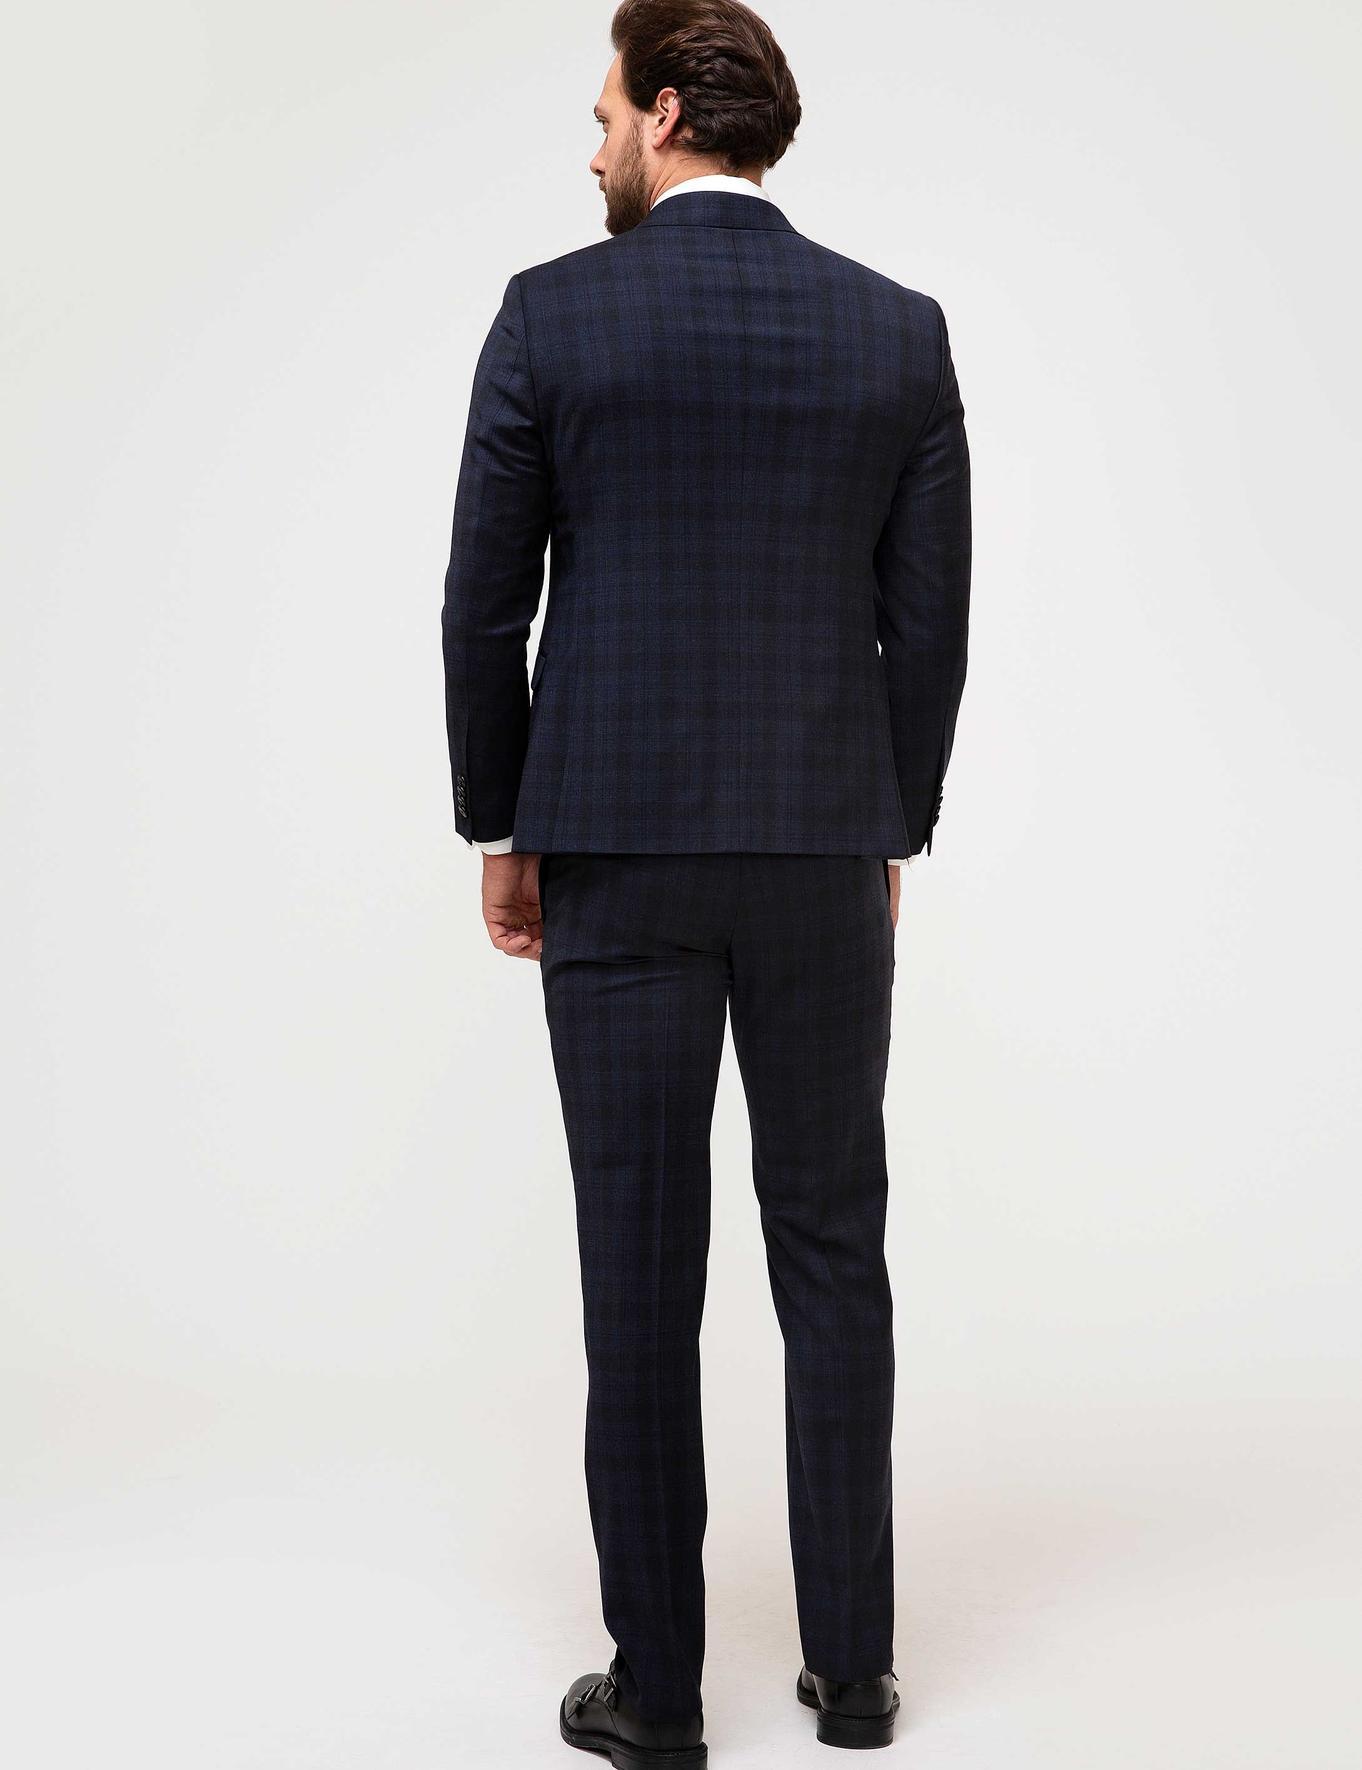 Lacivert Slim Fit Takım Elbise - 50192612041